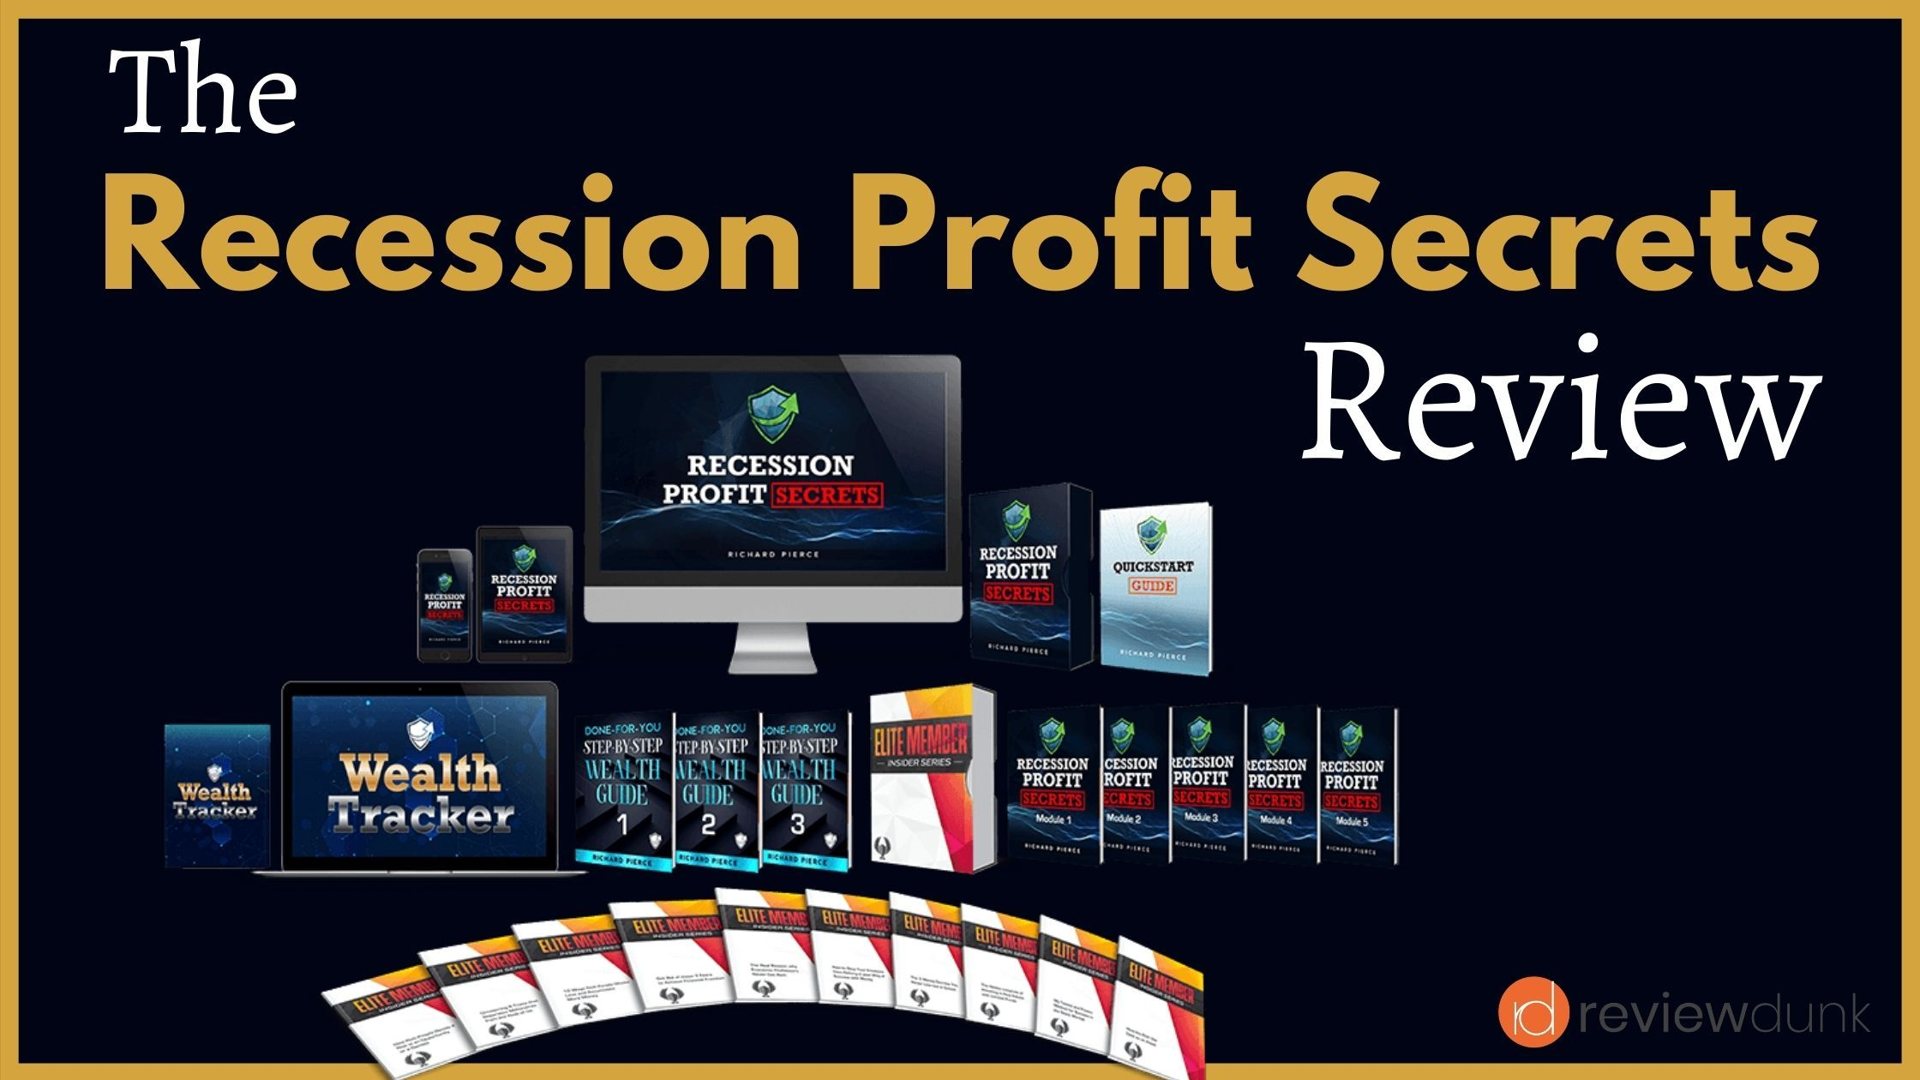 Recession Profit Secrets Review